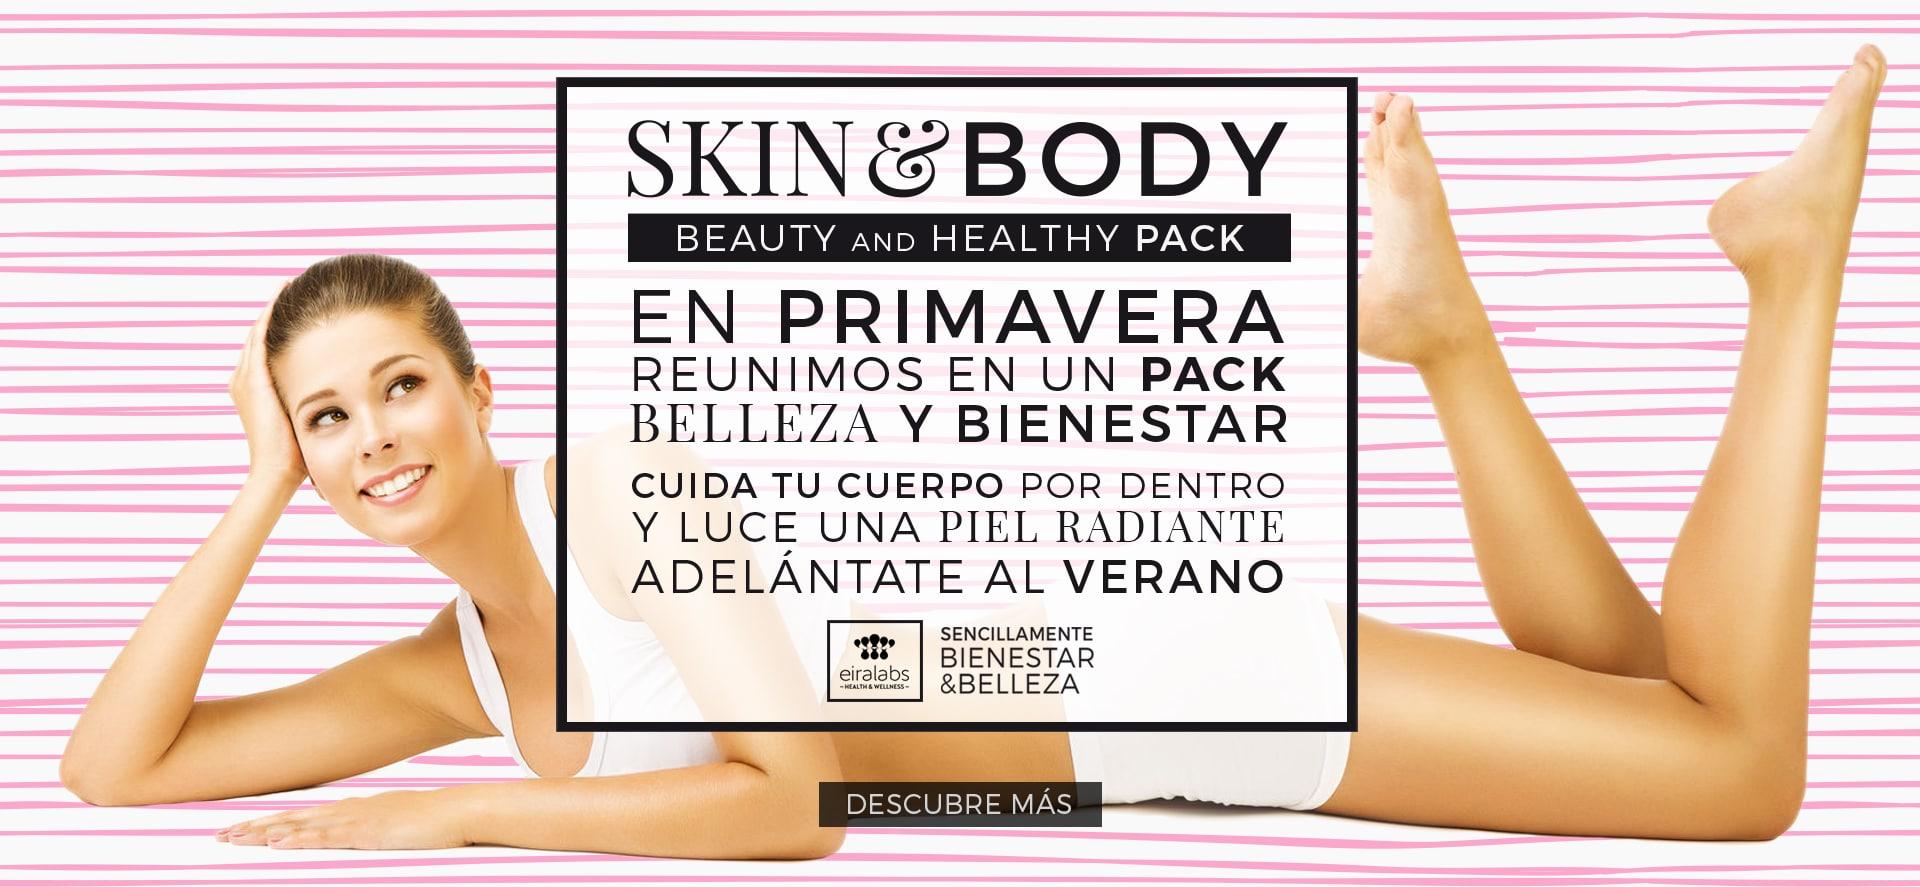 2018-SLIDEskin-body-002